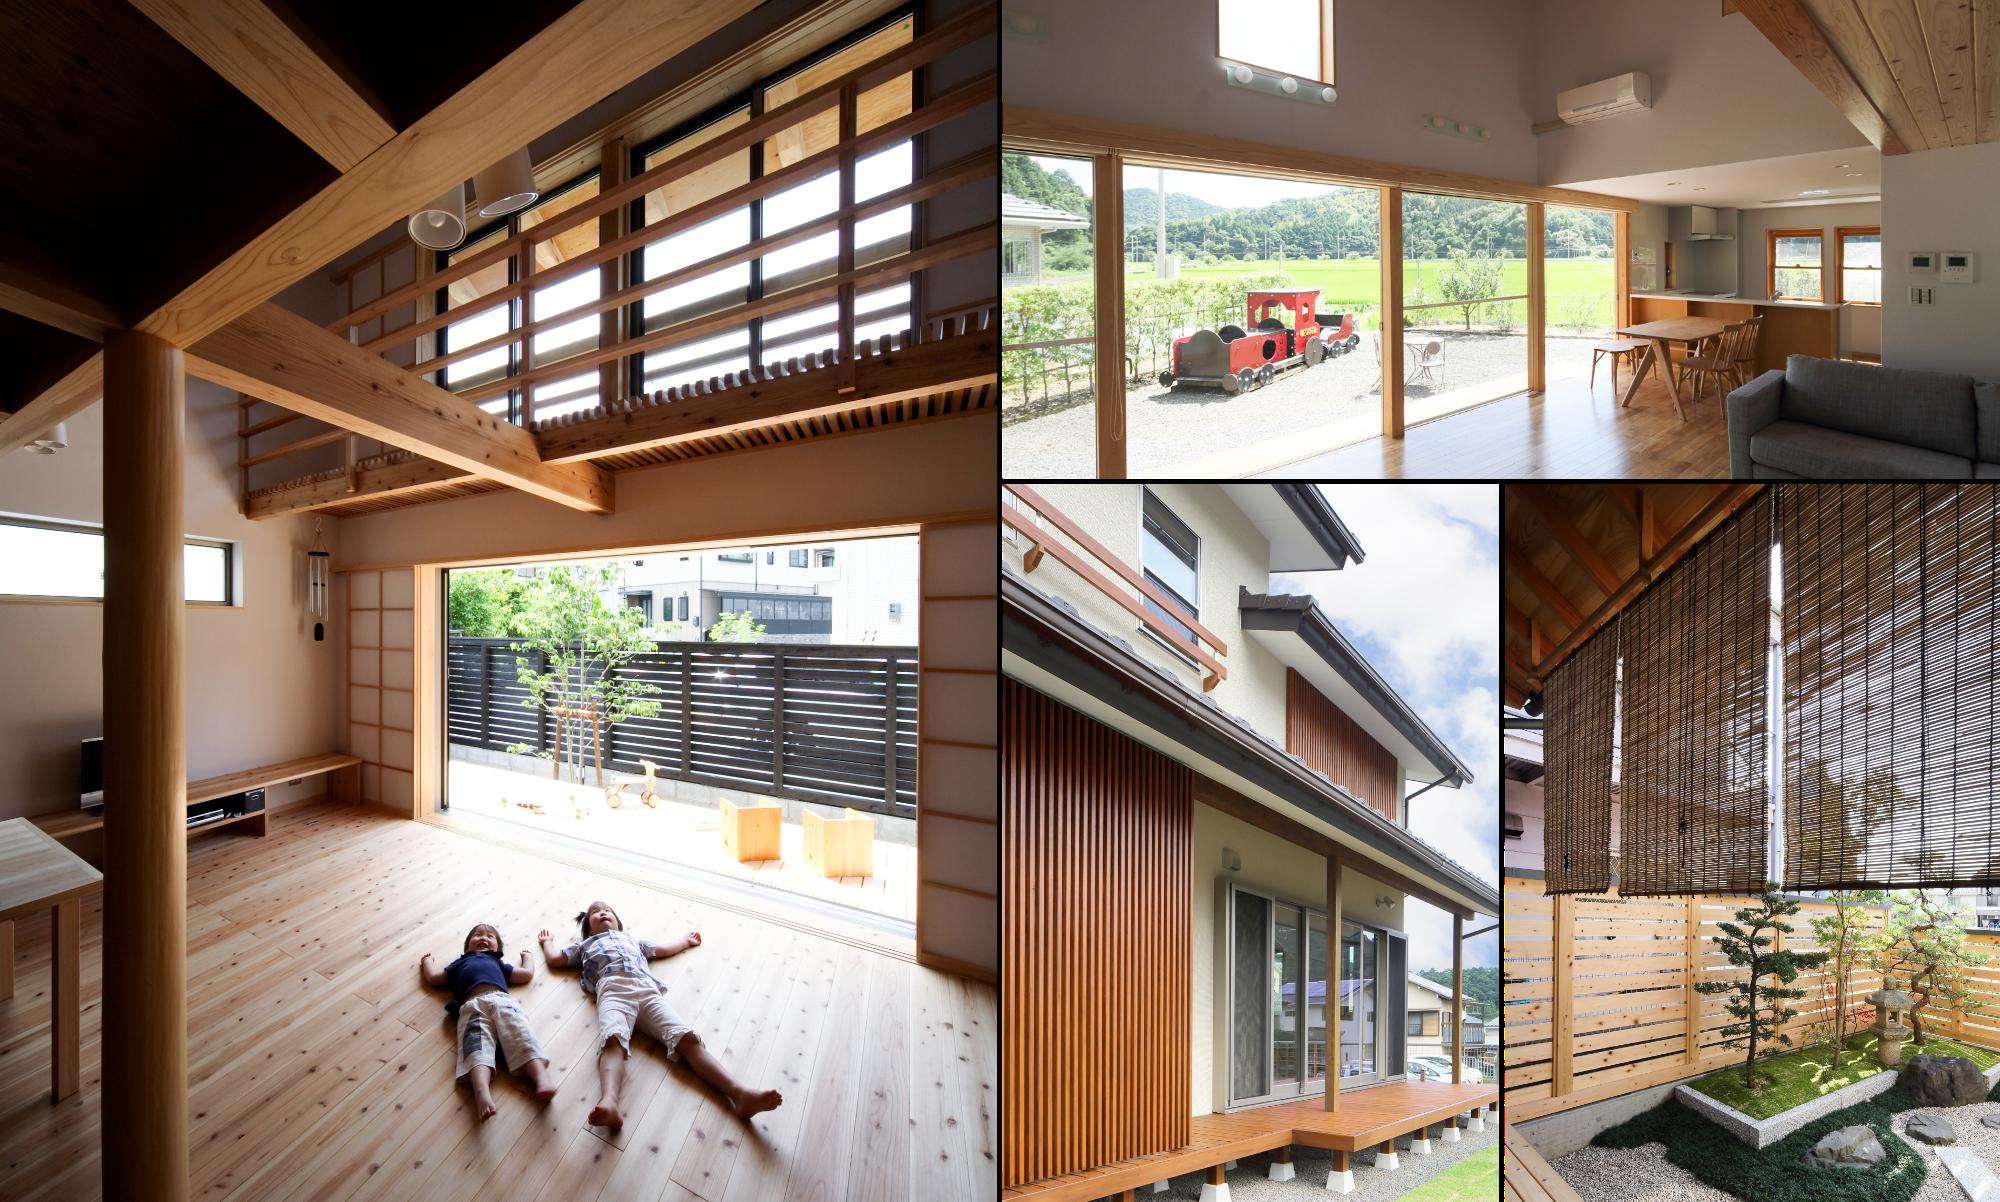 坂根工務店住宅の自然の力を利用した「涼しさ」を感じるウッドデッキの組写真